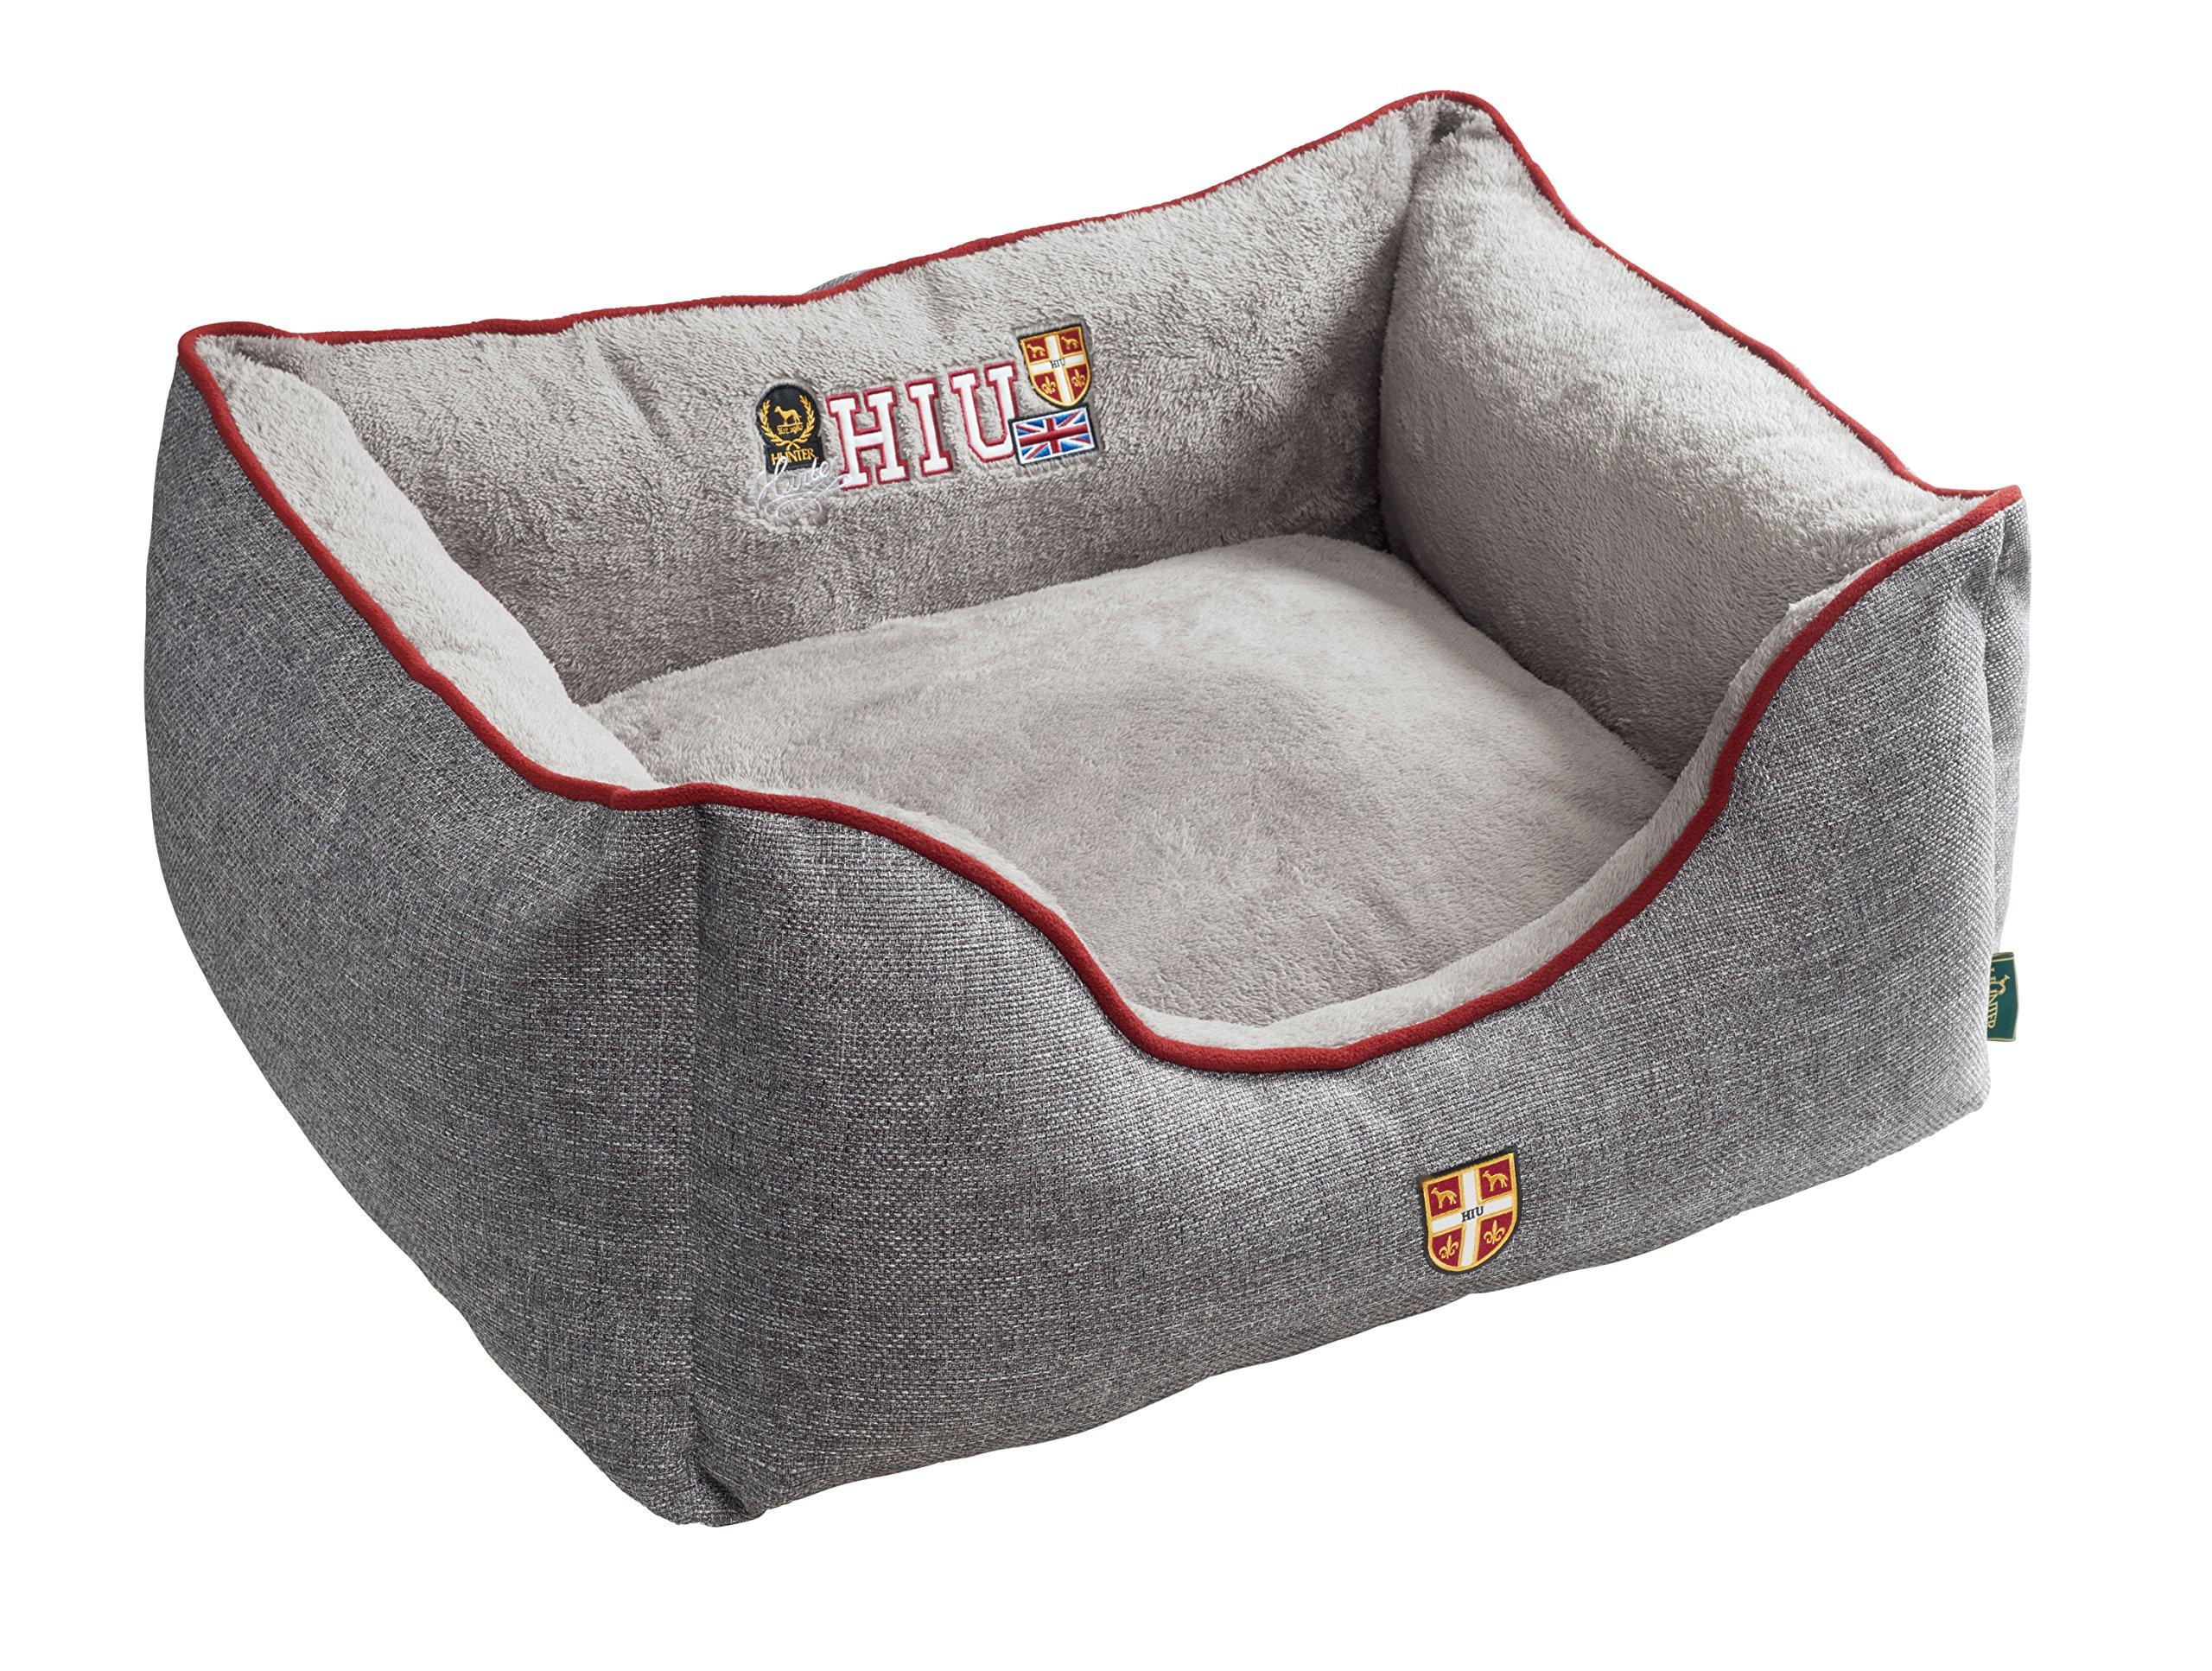 HUNTER Dog Sofa University, Small, 60 x 45 cm, Grey